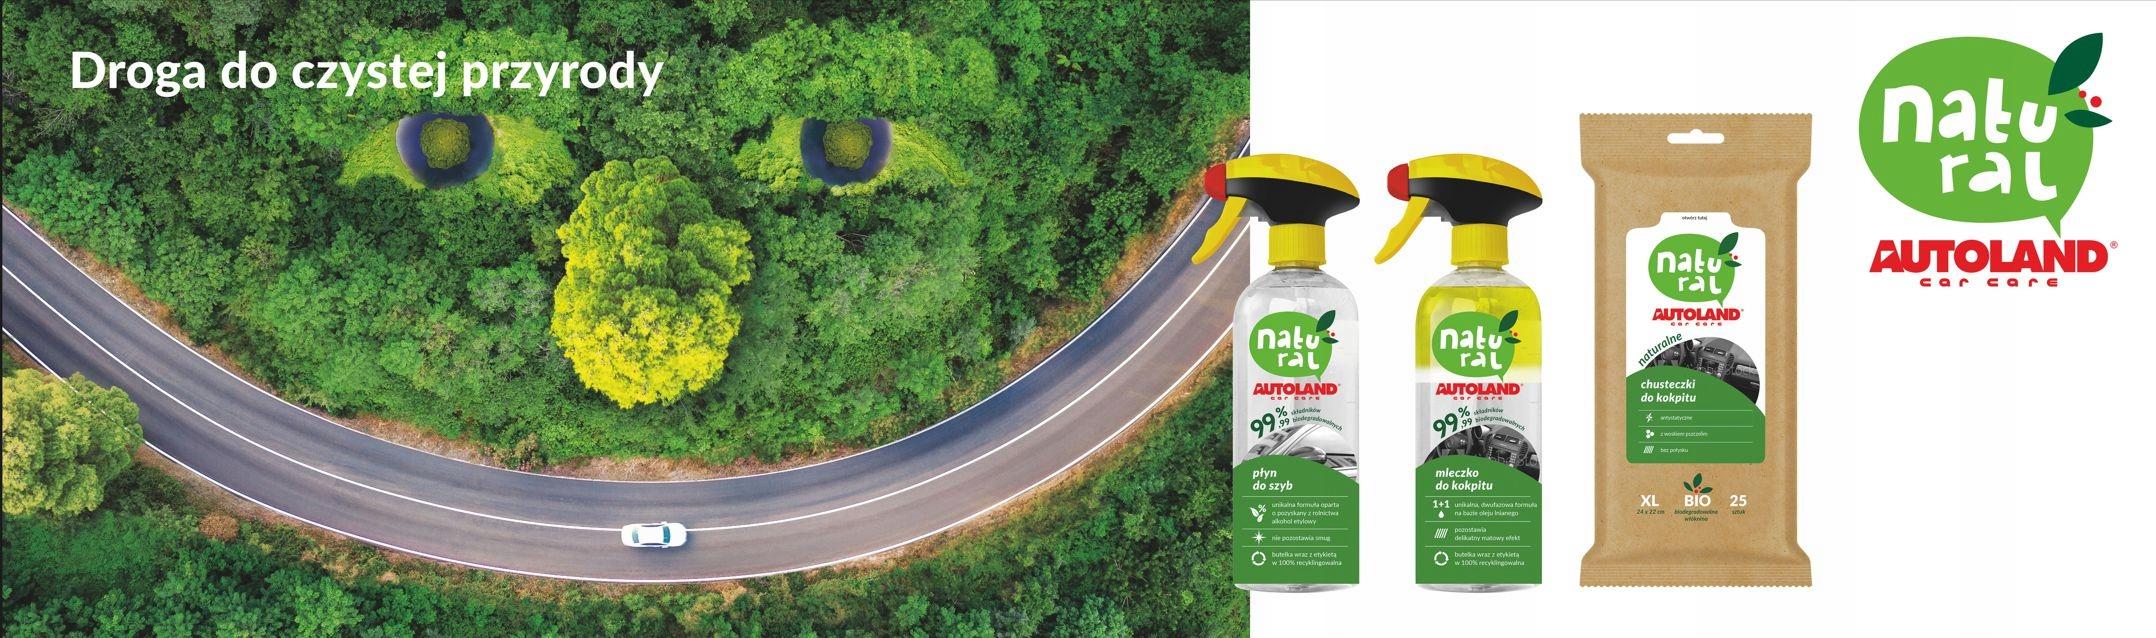 Autoland NATURAL - молочко для кабины 500ml bio EAN 5900304012196